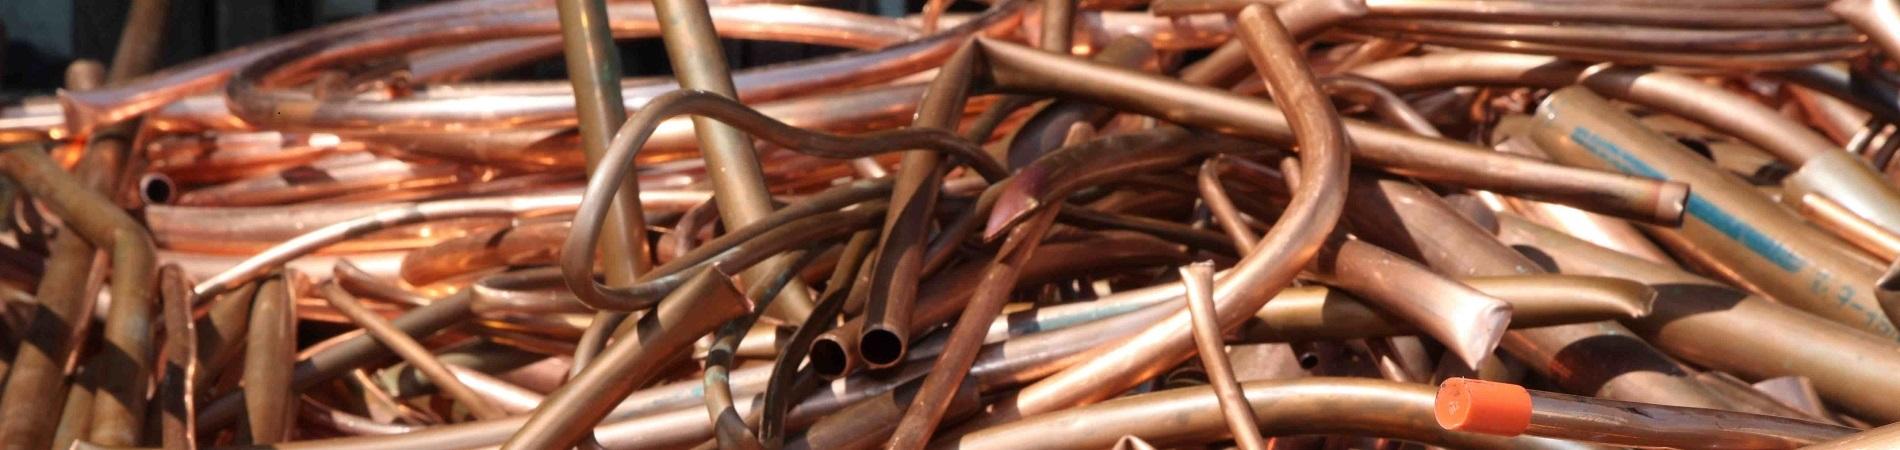 Metallverwertung